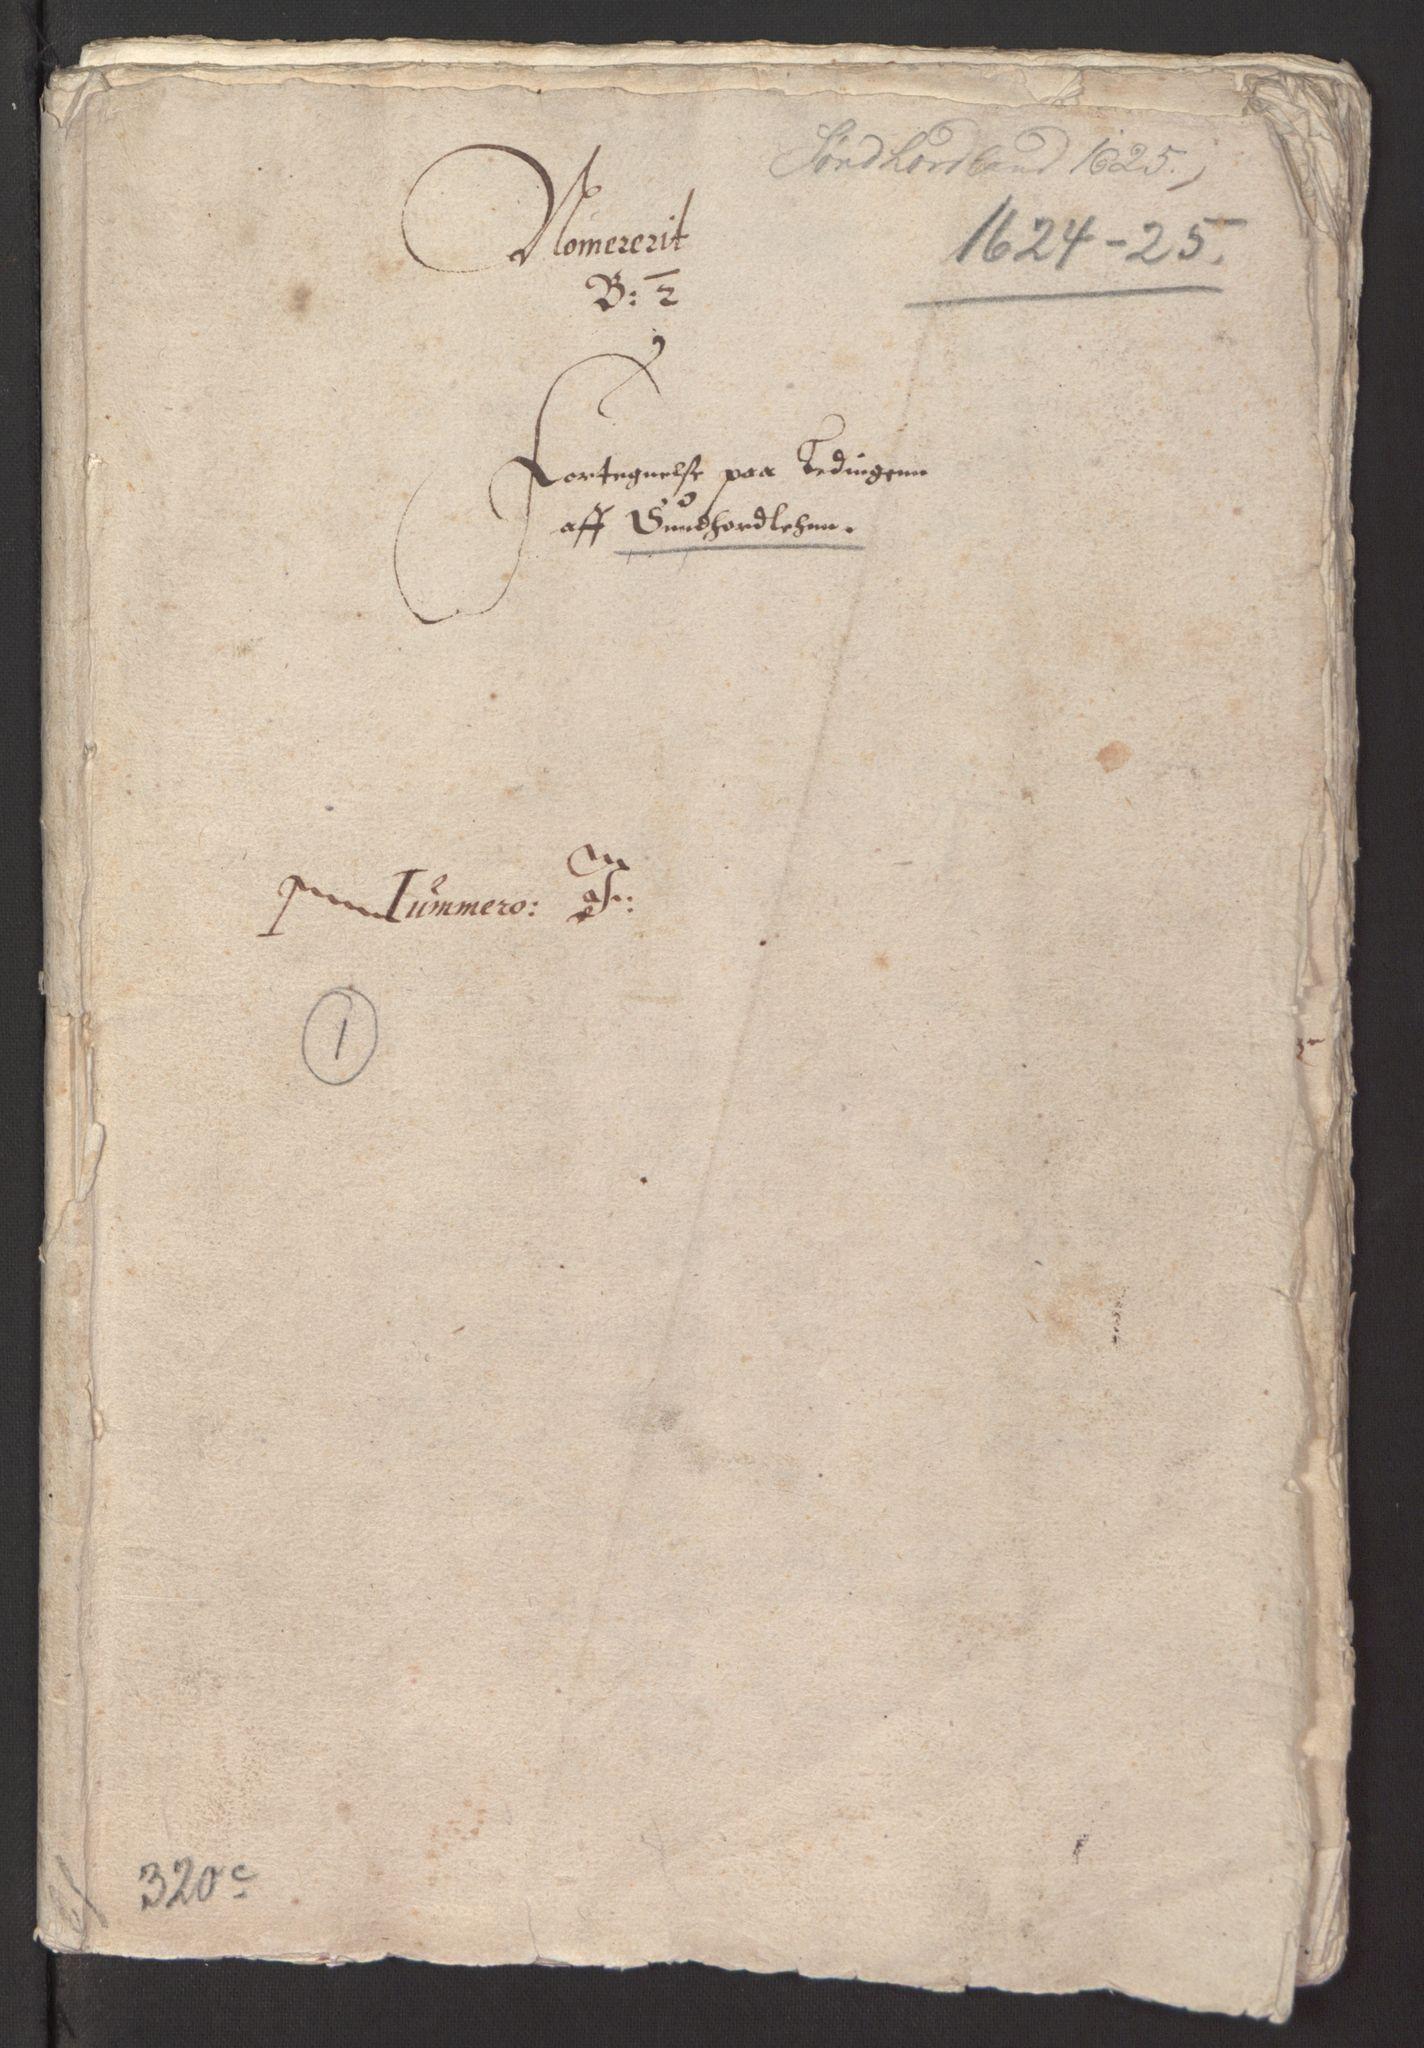 RA, Stattholderembetet 1572-1771, Ek/L0003: Jordebøker til utlikning av garnisonsskatt 1624-1626:, 1624-1625, s. 3